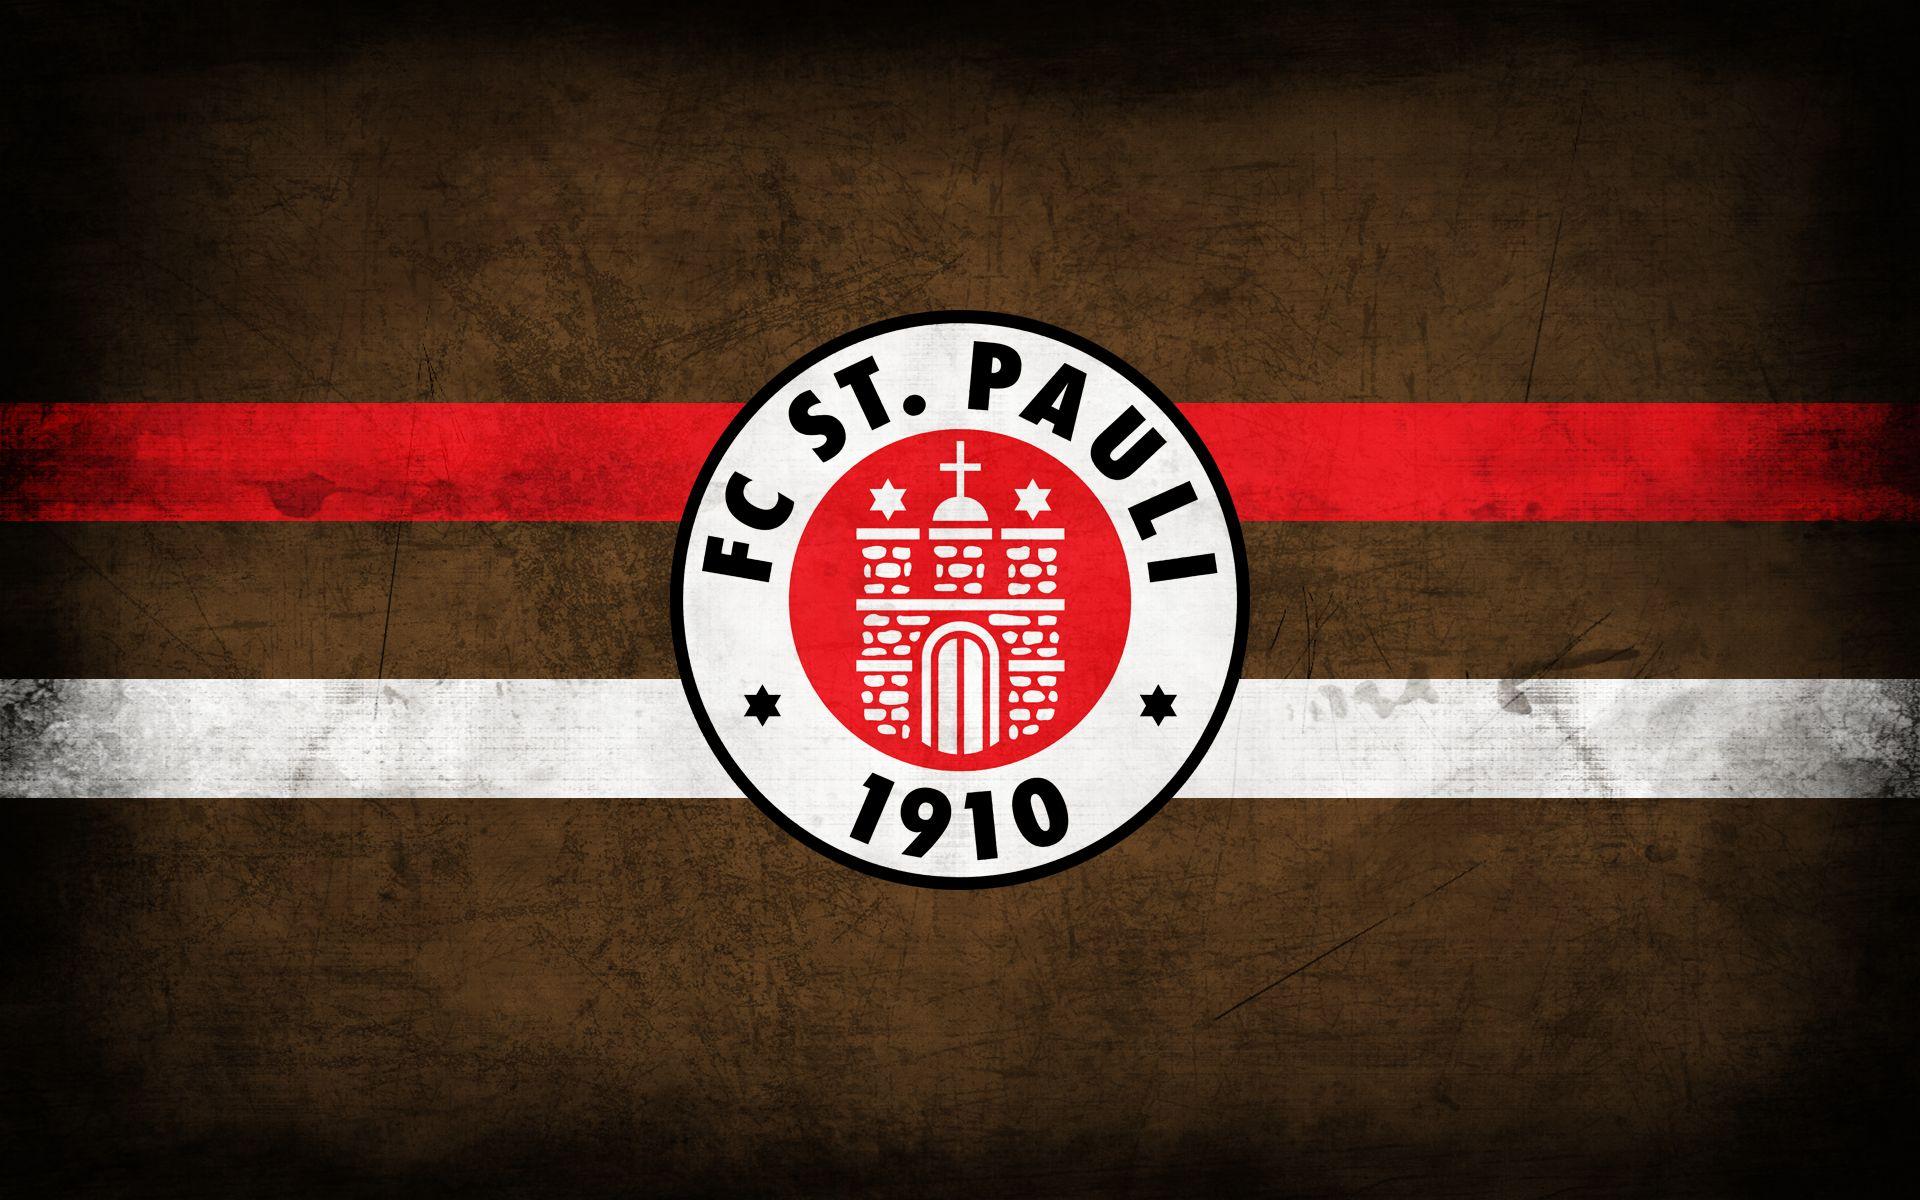 St Pauli FГјrth